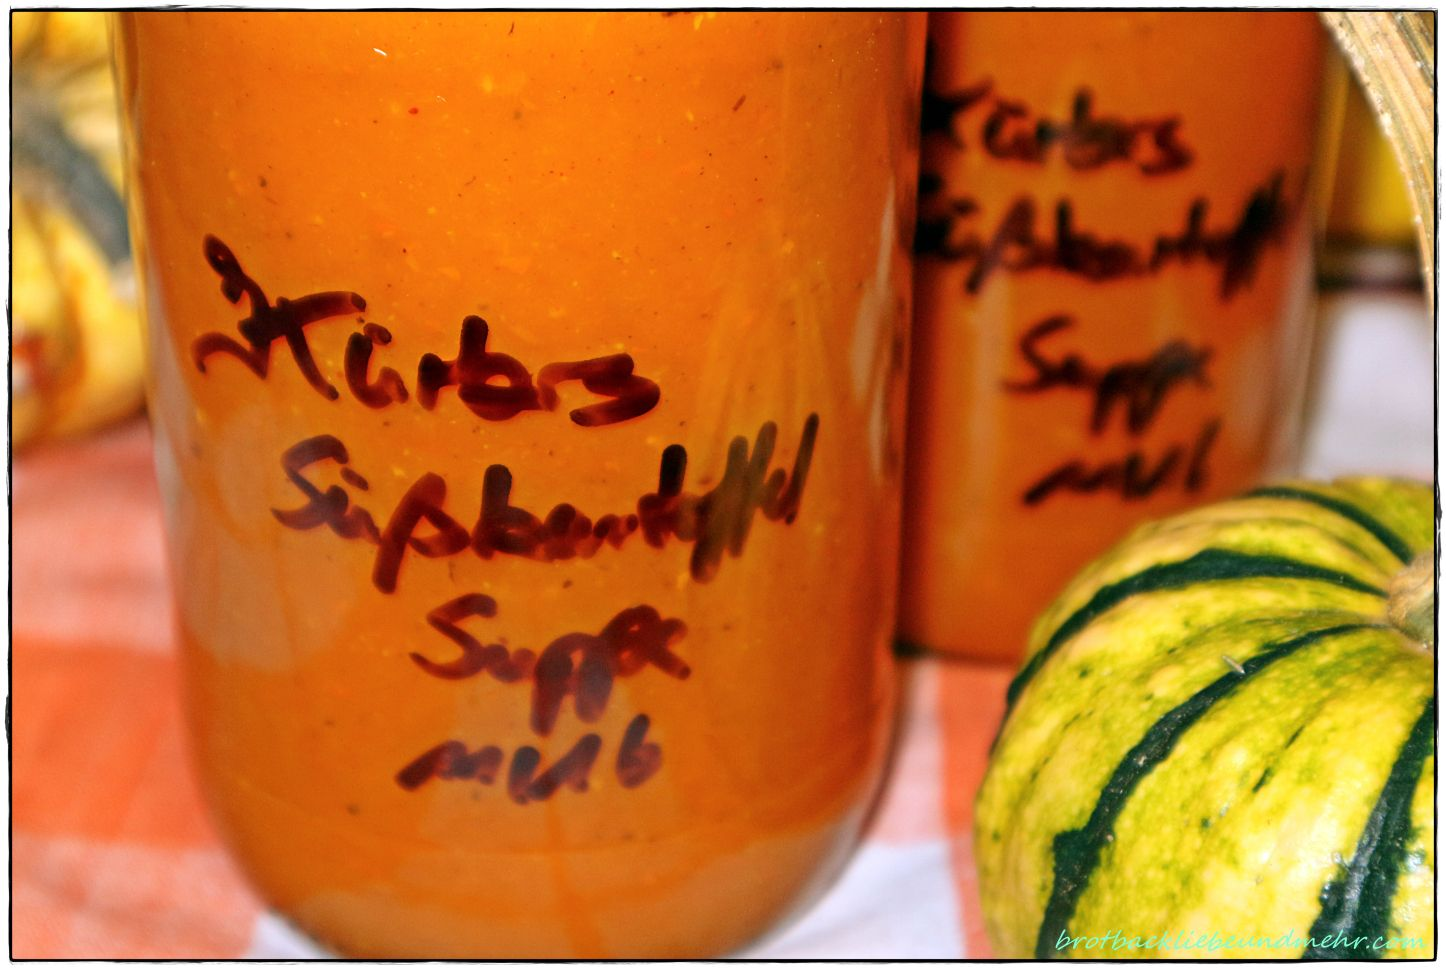 Kürbis-Süßkartoffel-Suppe (auch gut zum Einwecken) - Brotbackliebe ... und mehr